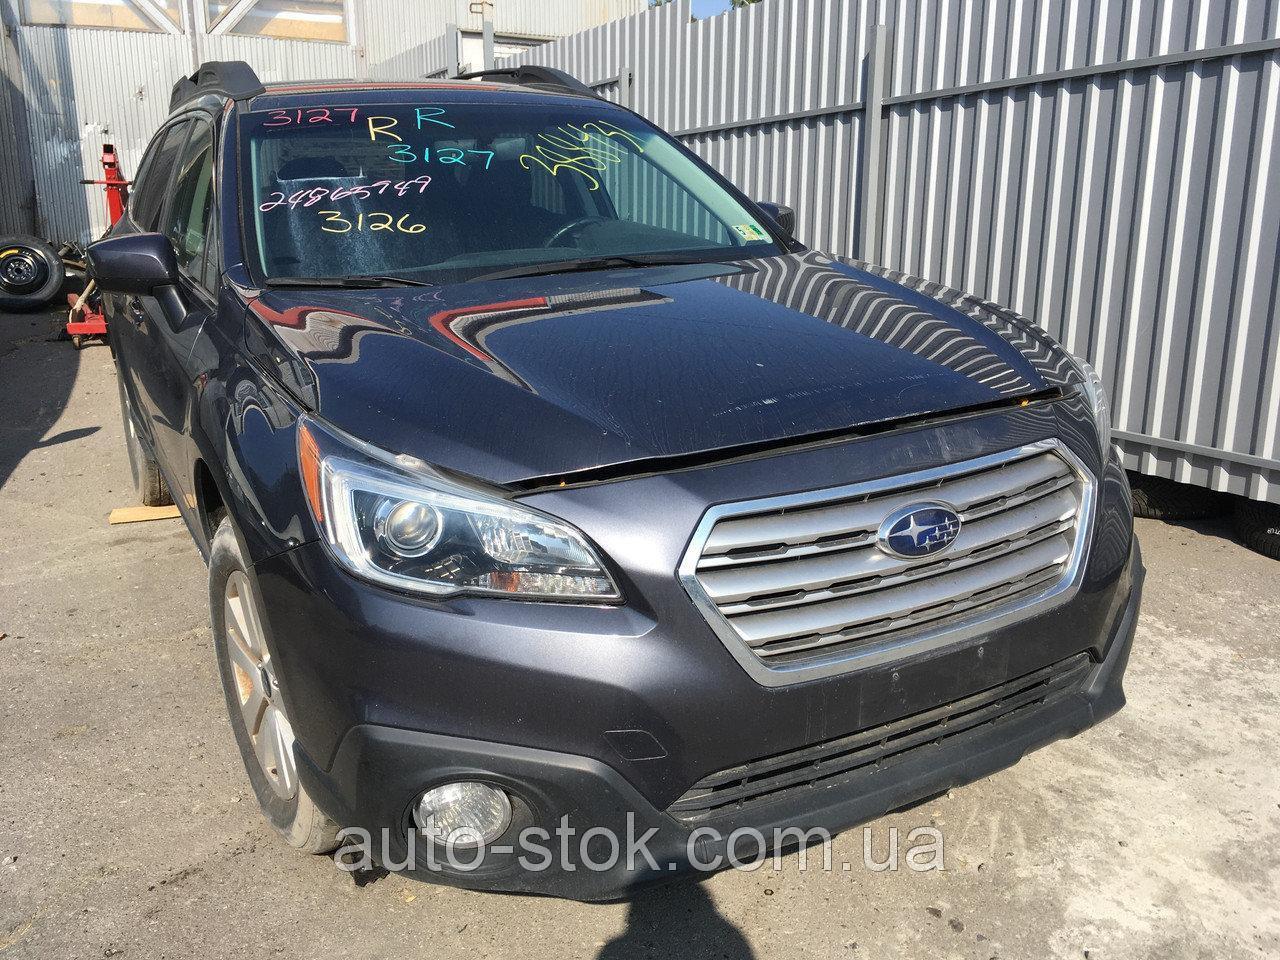 Качественные запчасти для Subaru Outback и Subaru Forester из США – Уже в Украине!